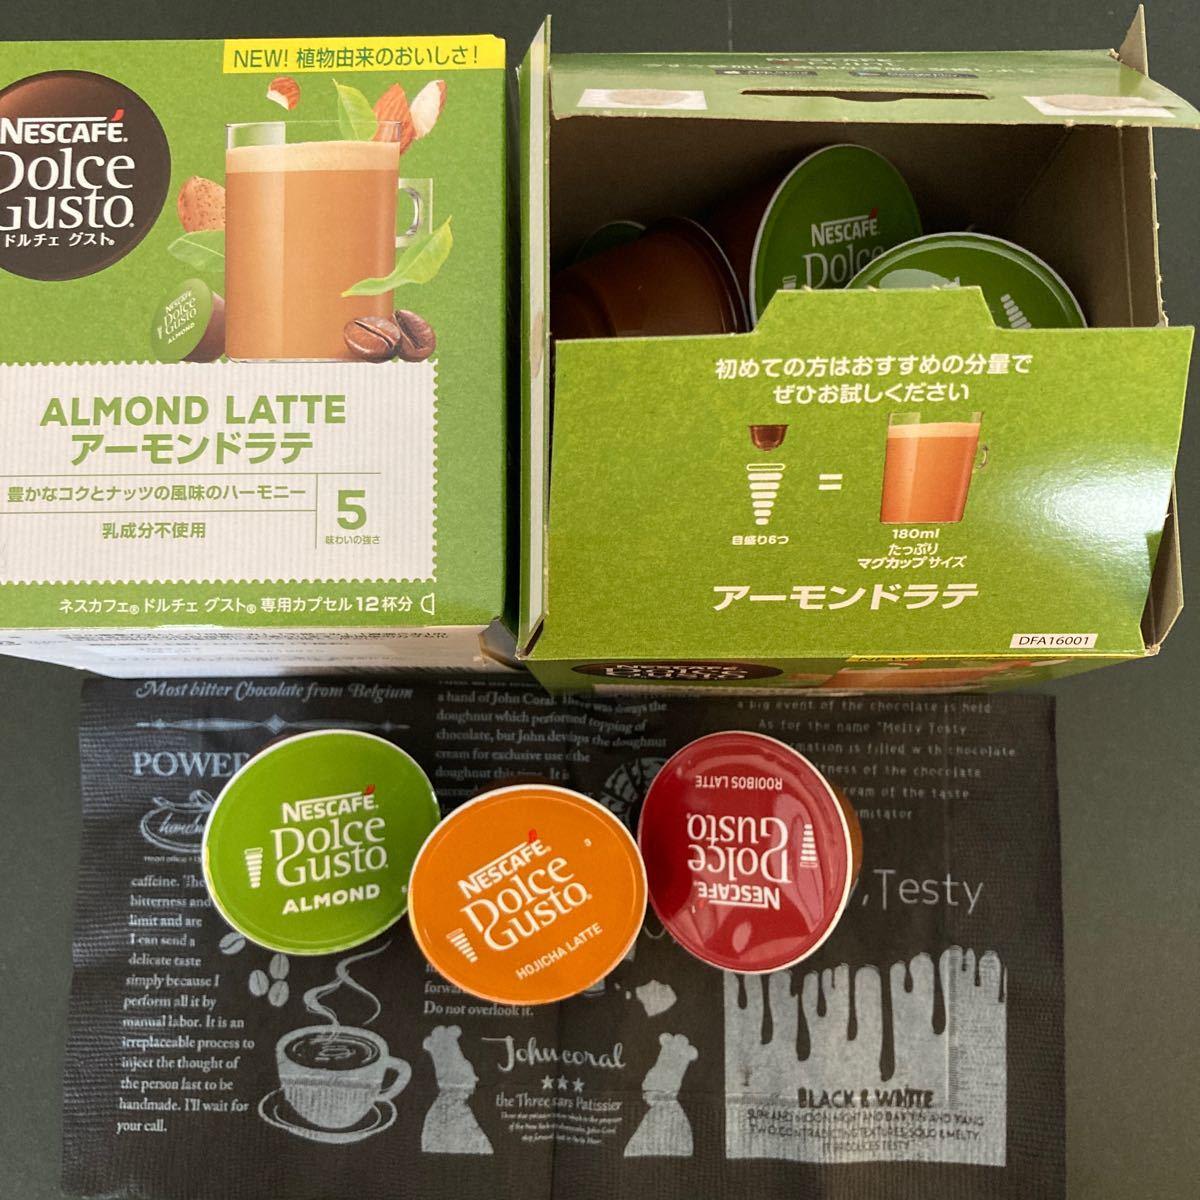 ネスカフェ ドルチェグスト カプセル アーモンドラテ22個とほうじ茶&ルイボスラテ各1個 二箱分